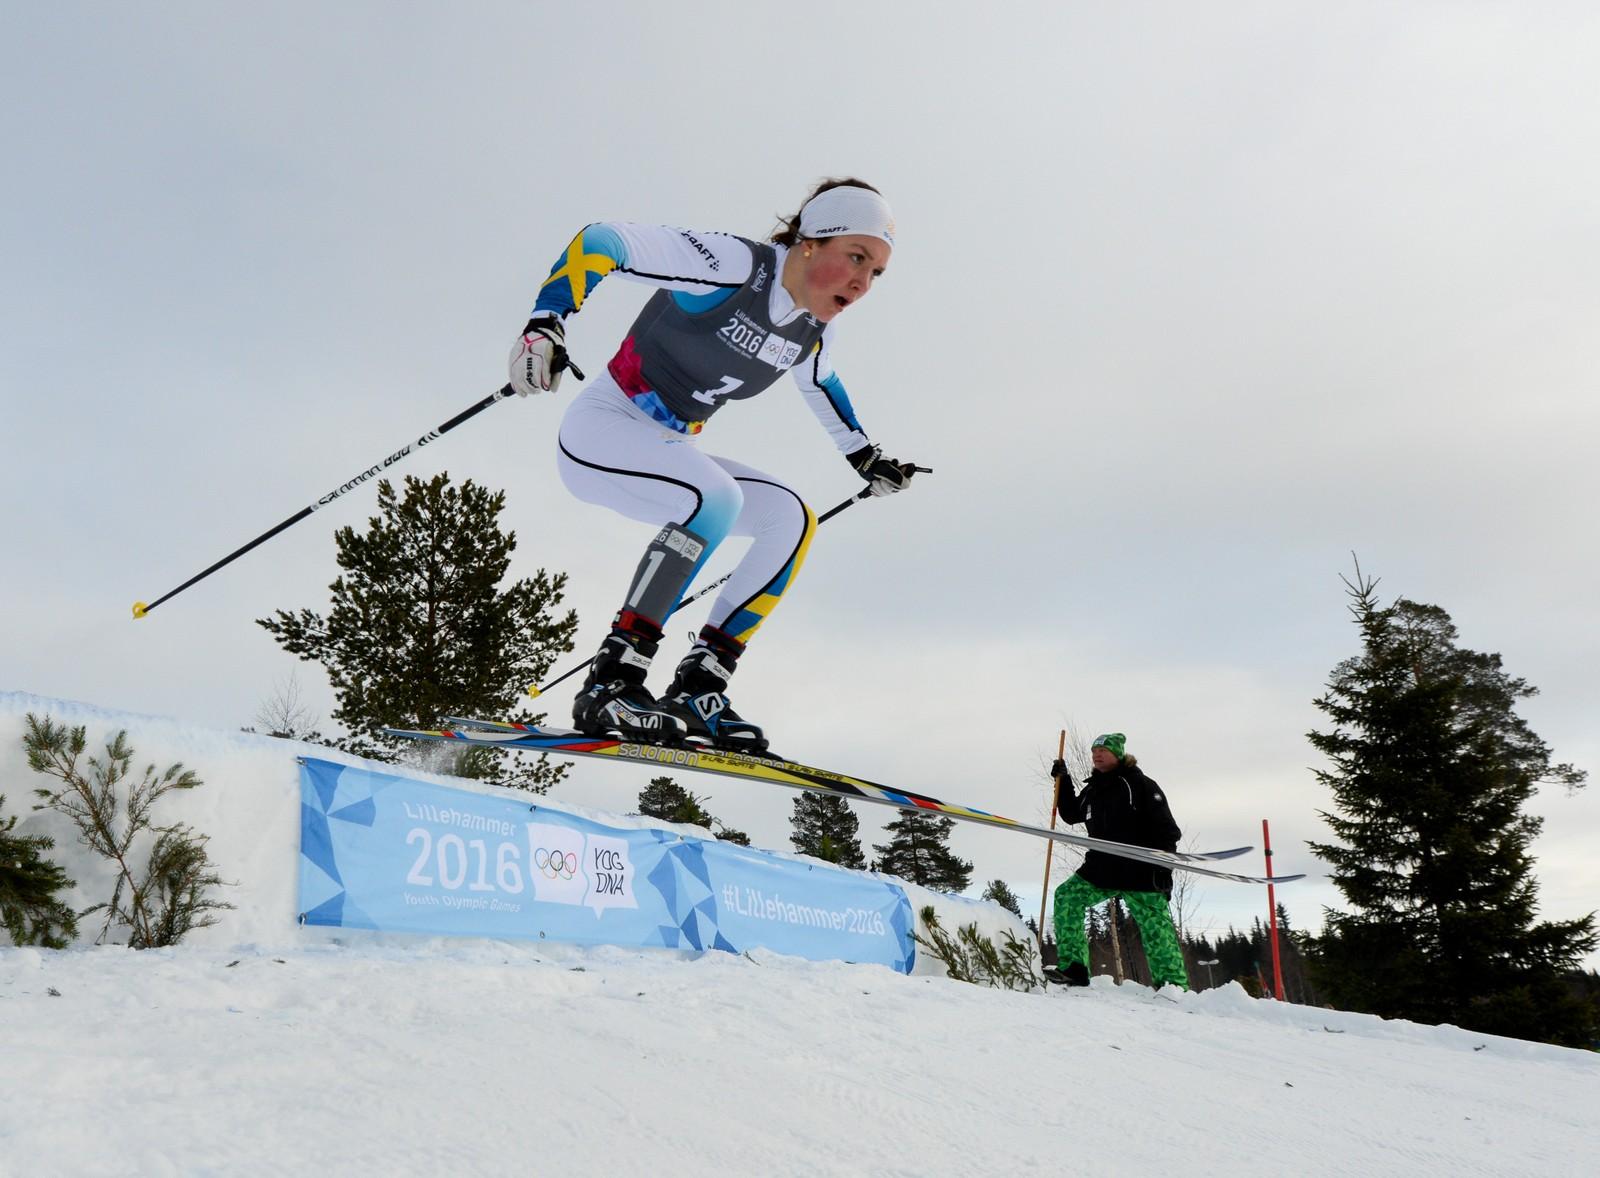 Gullmedaljevinner i langrennscross Moa Lundgren, Sverige.